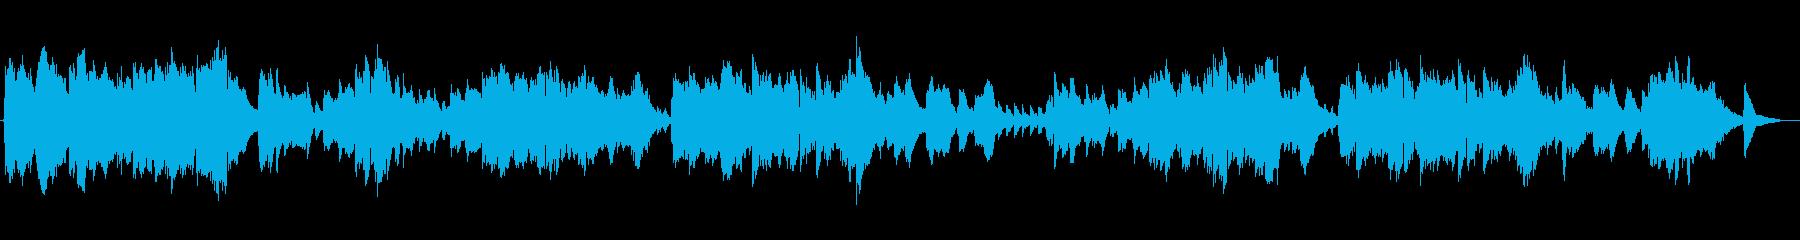 包み込むような優しいミュージックの再生済みの波形